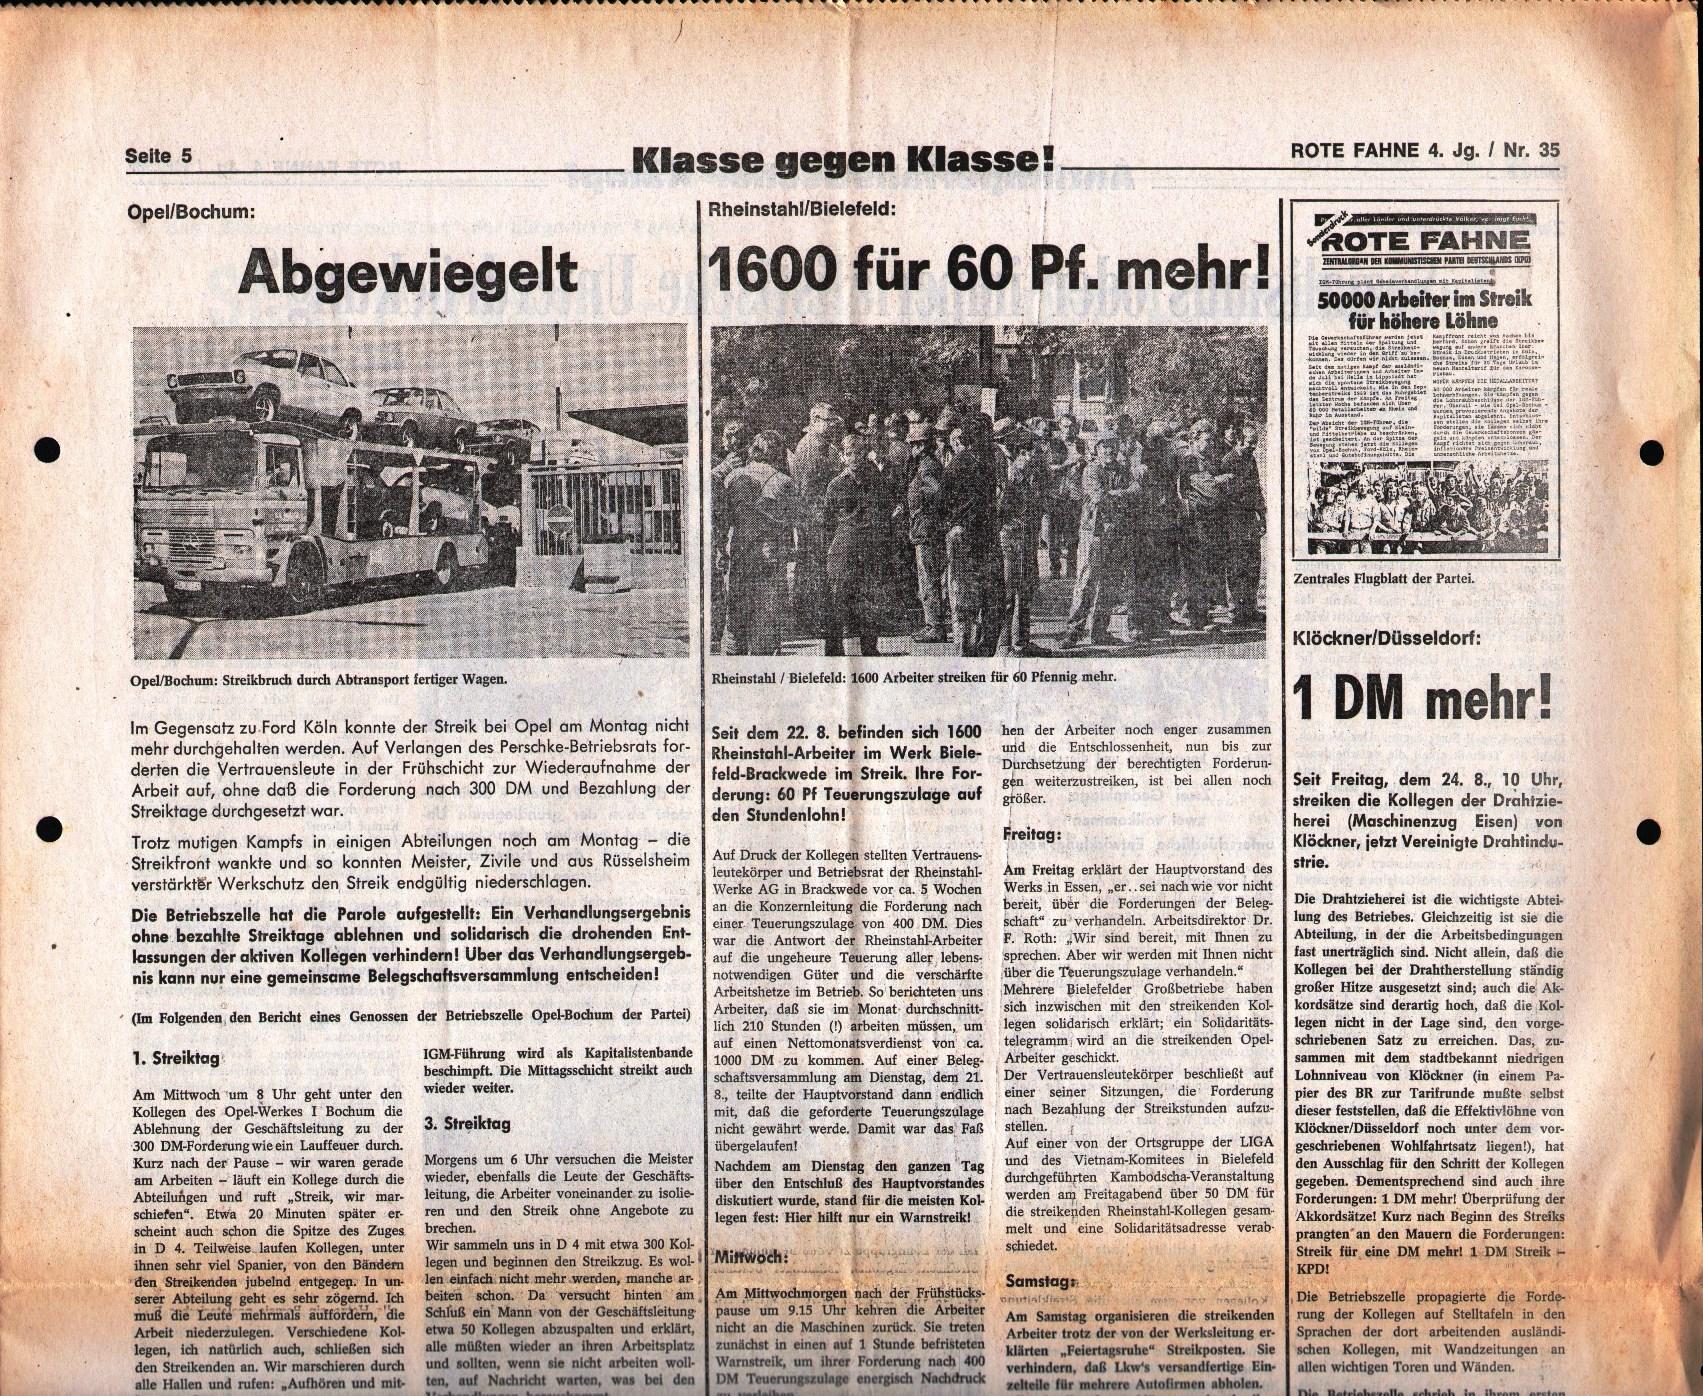 KPD_Rote_Fahne_1973_35_09